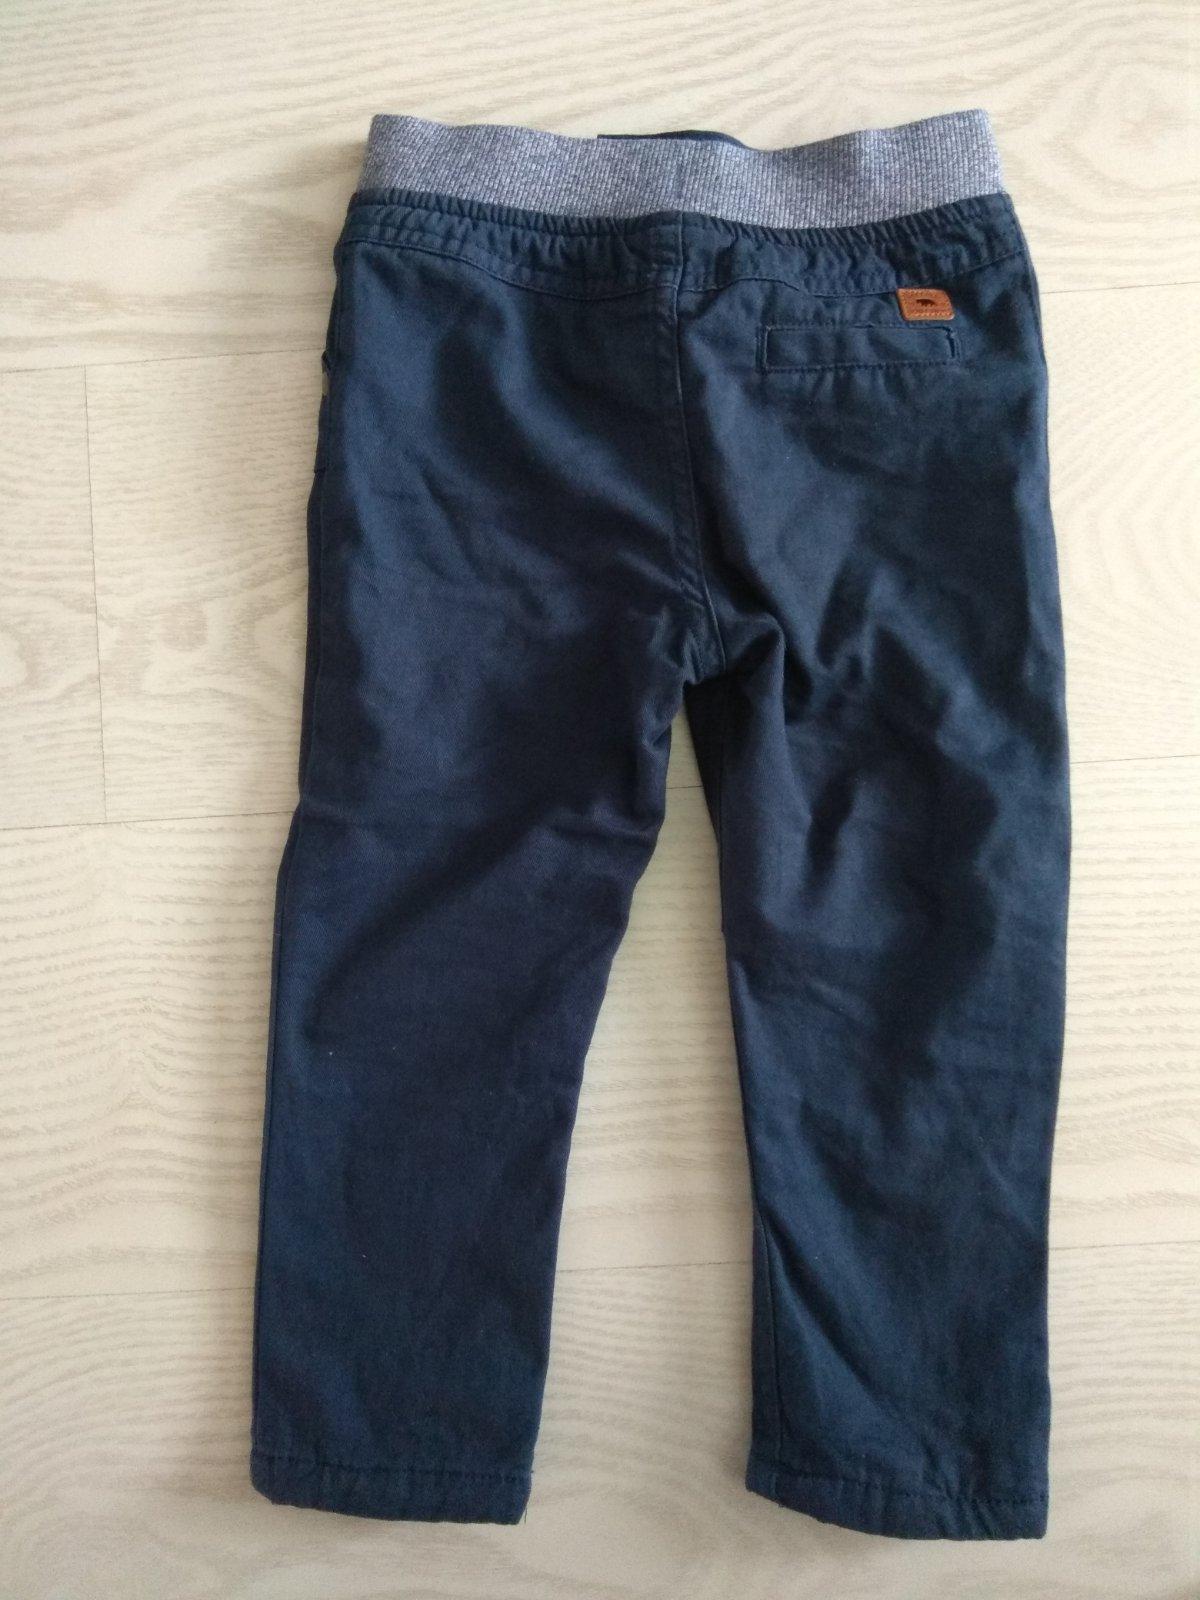 Zateplené tmavomodré nohavice s poštovným - Obrázok č. 4